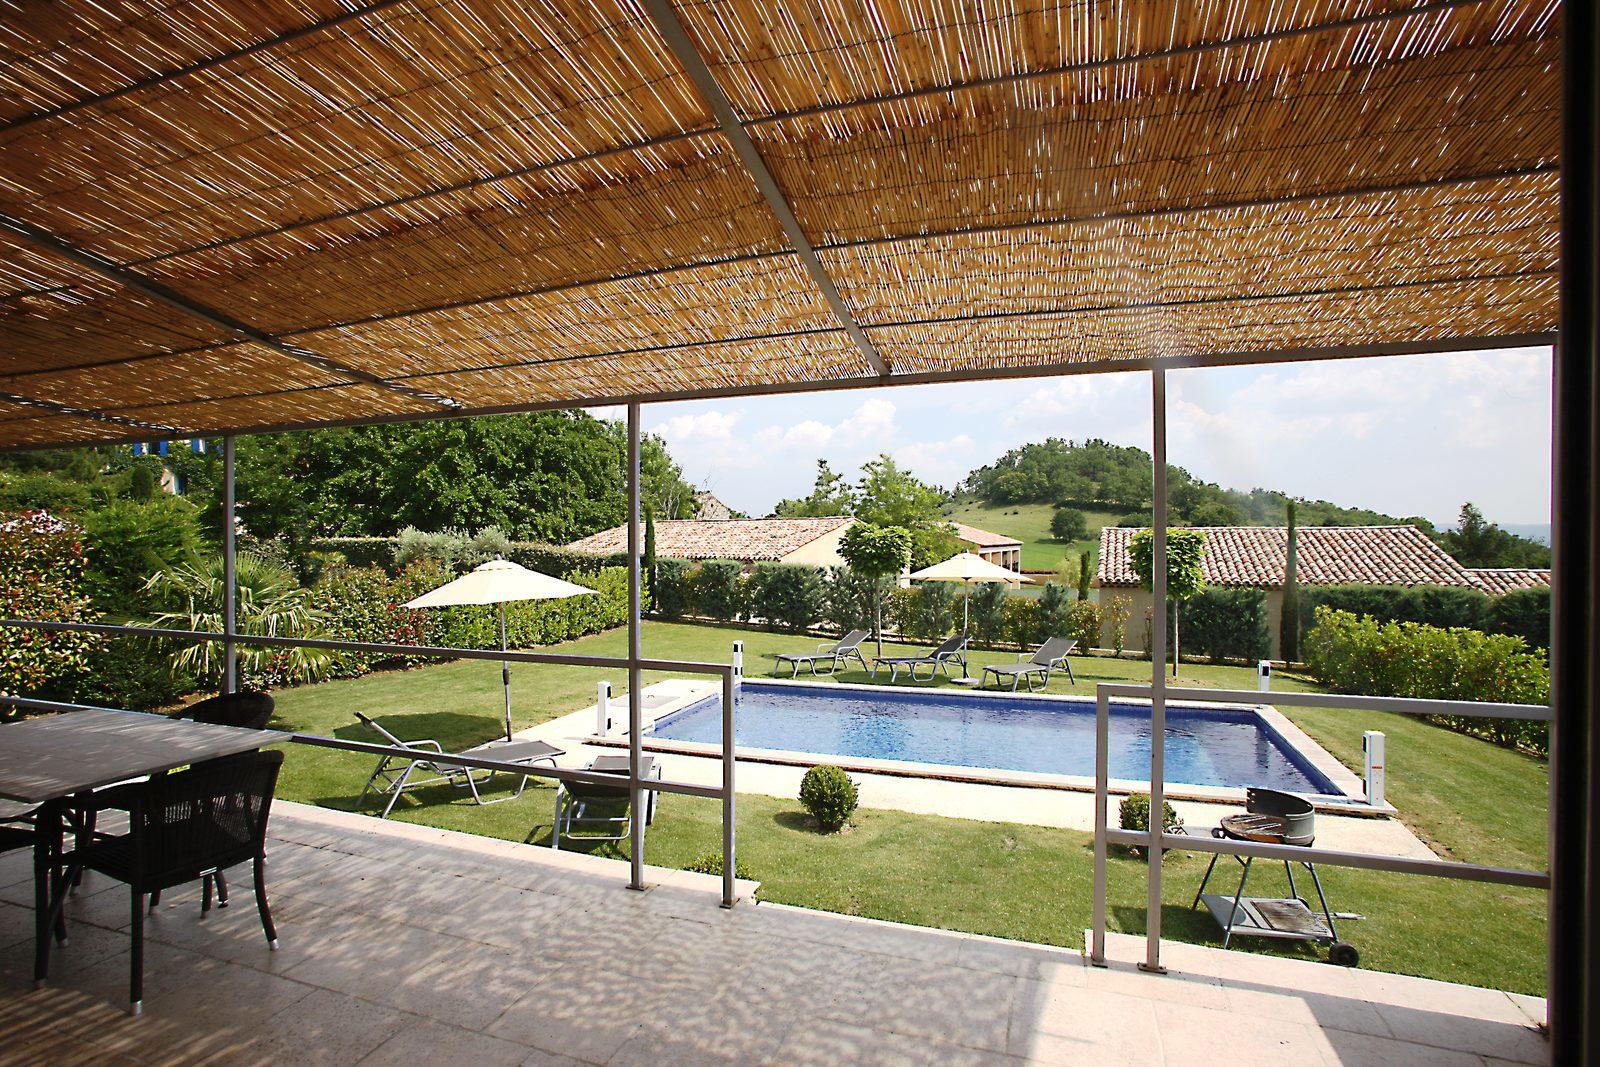 Vakantie, vakantiehuis, villa, luxe, zwembad, Frankrijk, Provence, Cote d'Azur